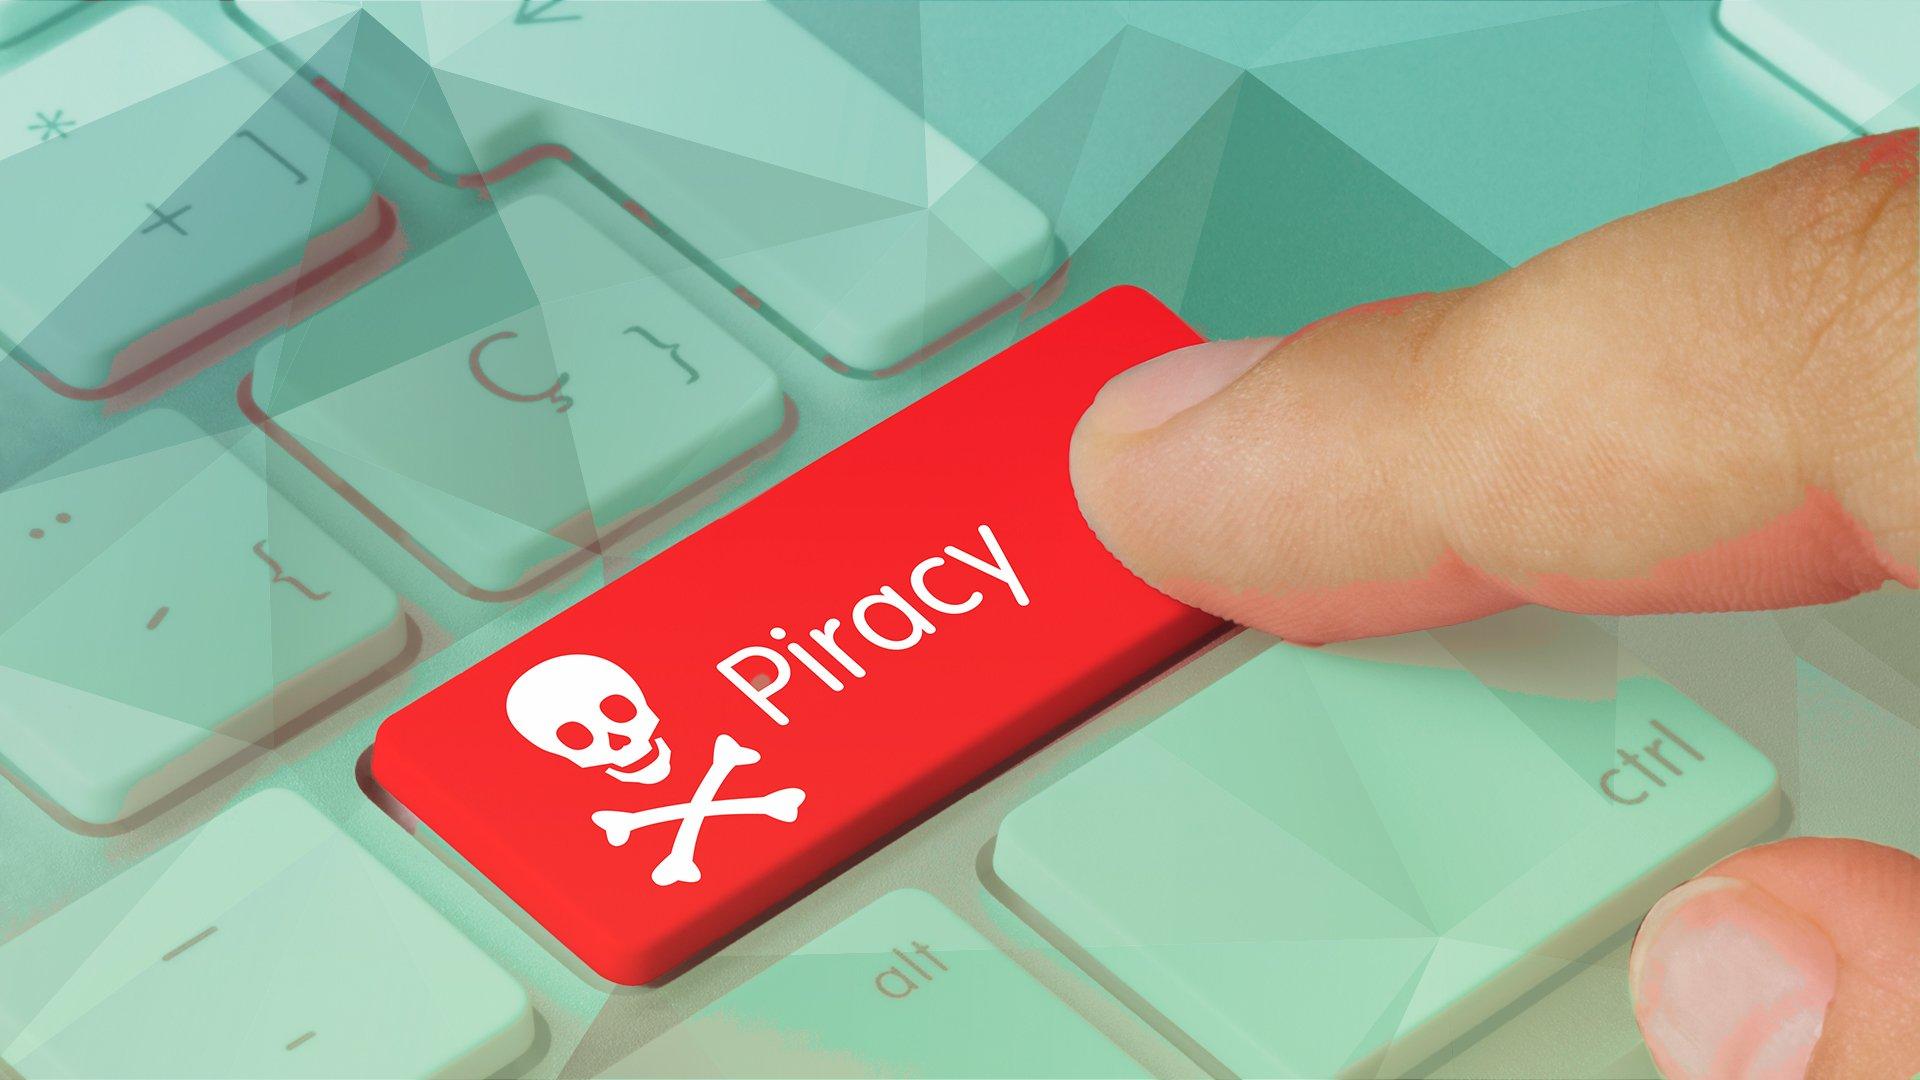 Filesharing, Piraterie, Tastatur, Filesharer, Piracy, Softwarepiraterie, Totenkopf